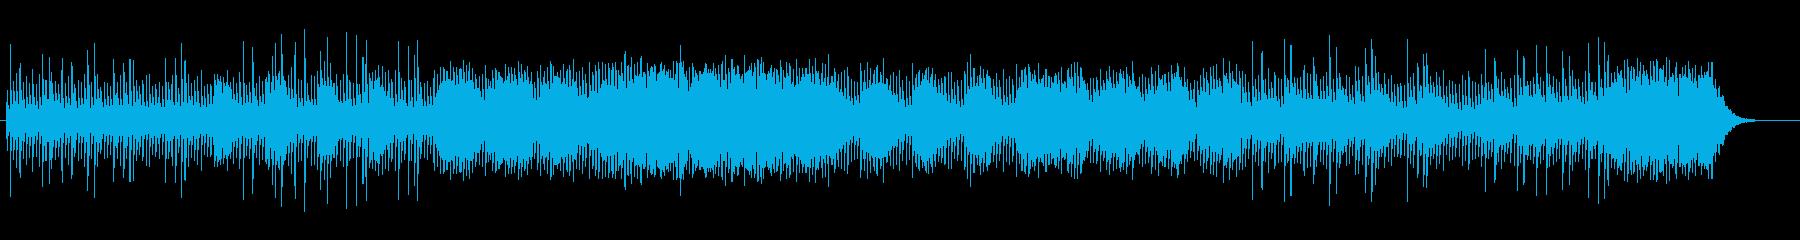 透明感とミステリアスなシンセサウンドの再生済みの波形